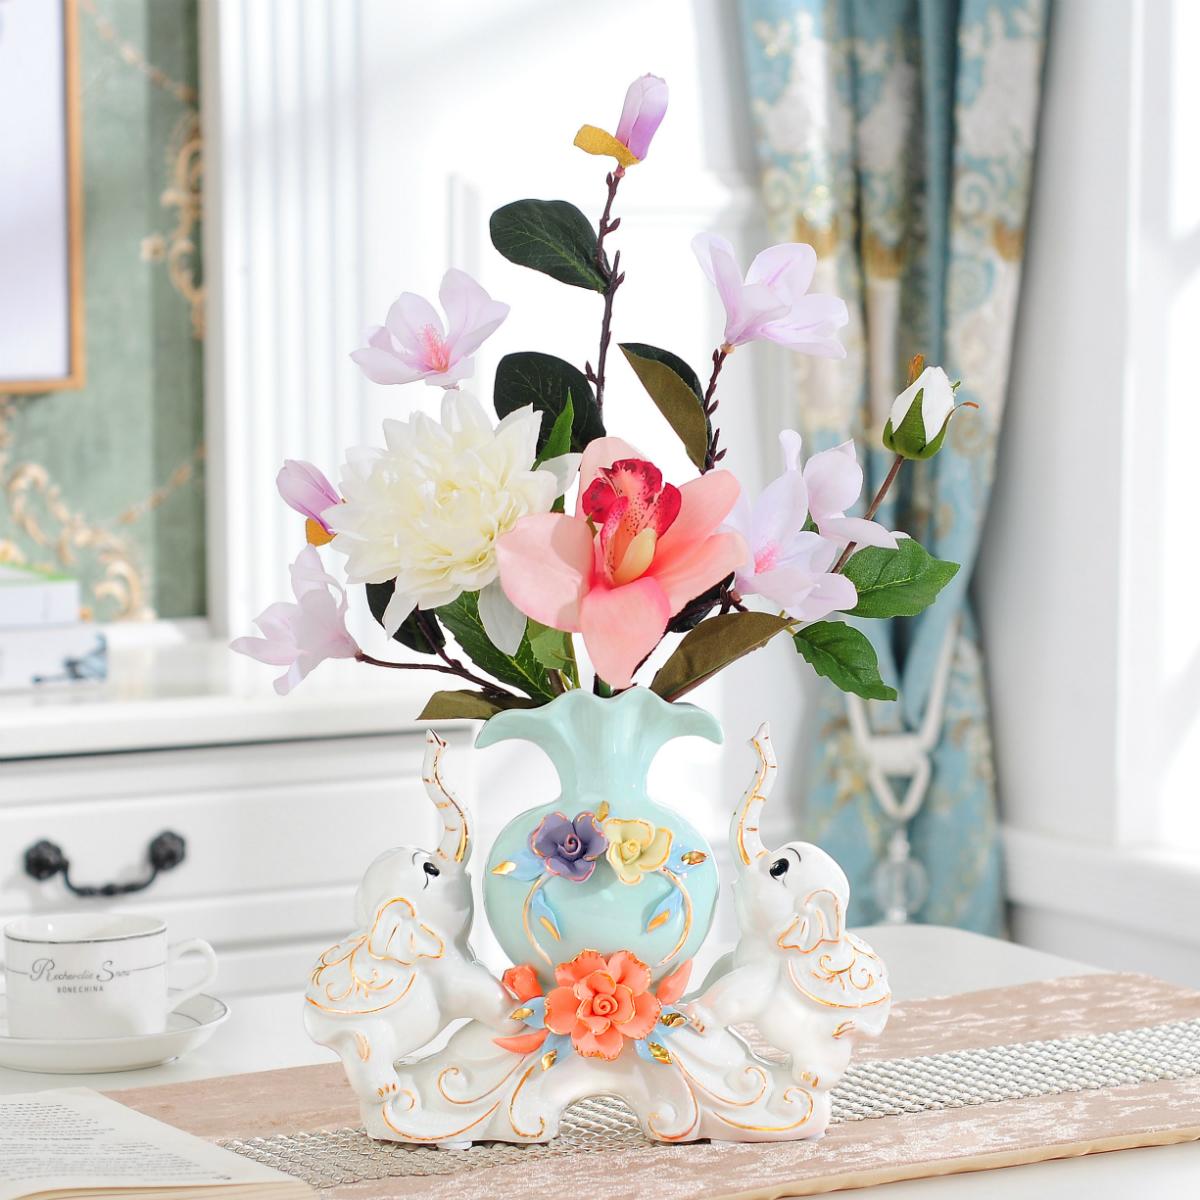 大象欧式陶瓷花瓶客厅酒柜装饰品摆件结婚礼物送闺蜜创意家居玄关